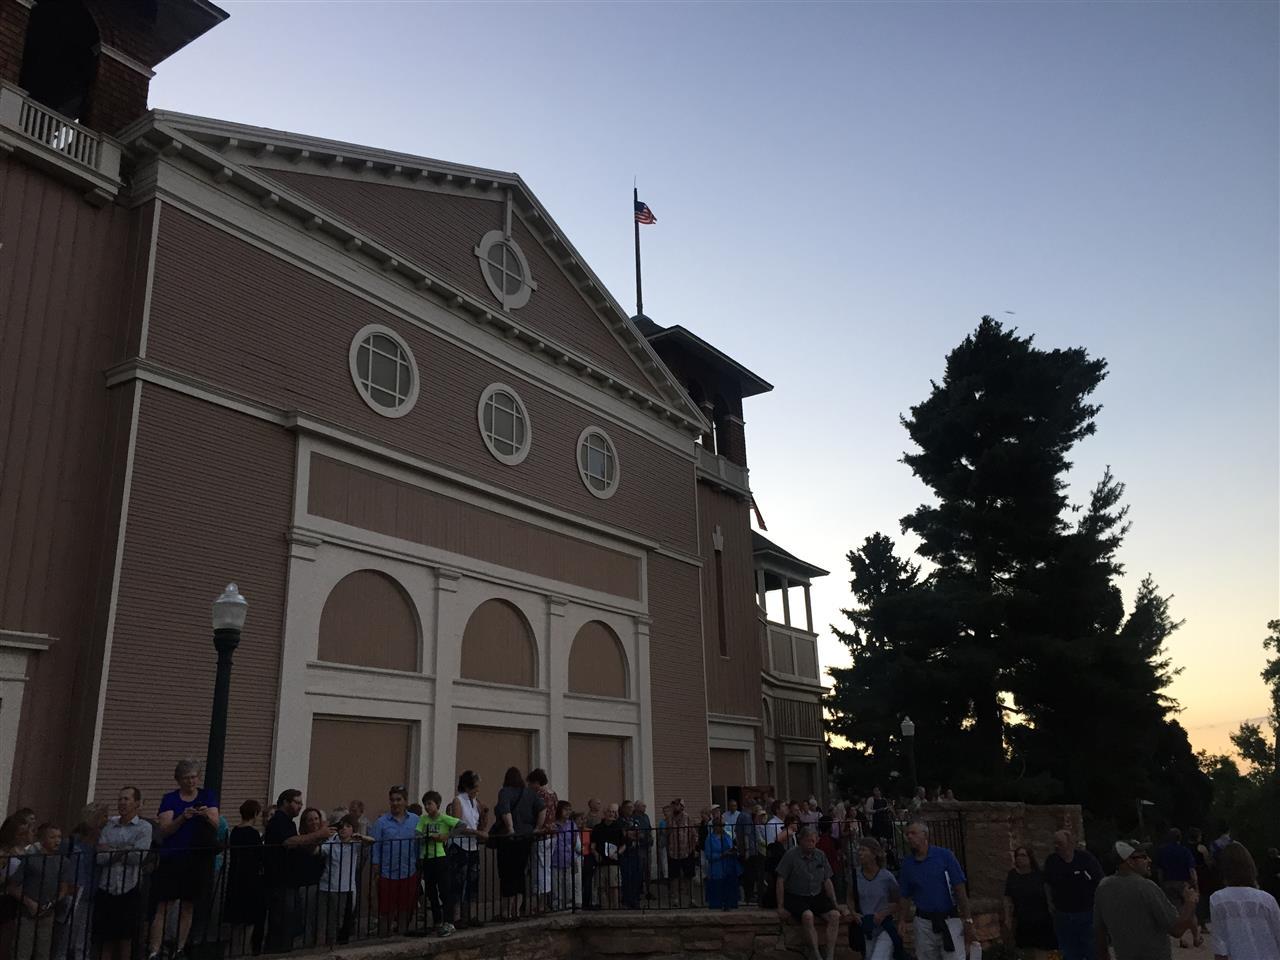 Chautauqua Auditorium, Boulder, CO